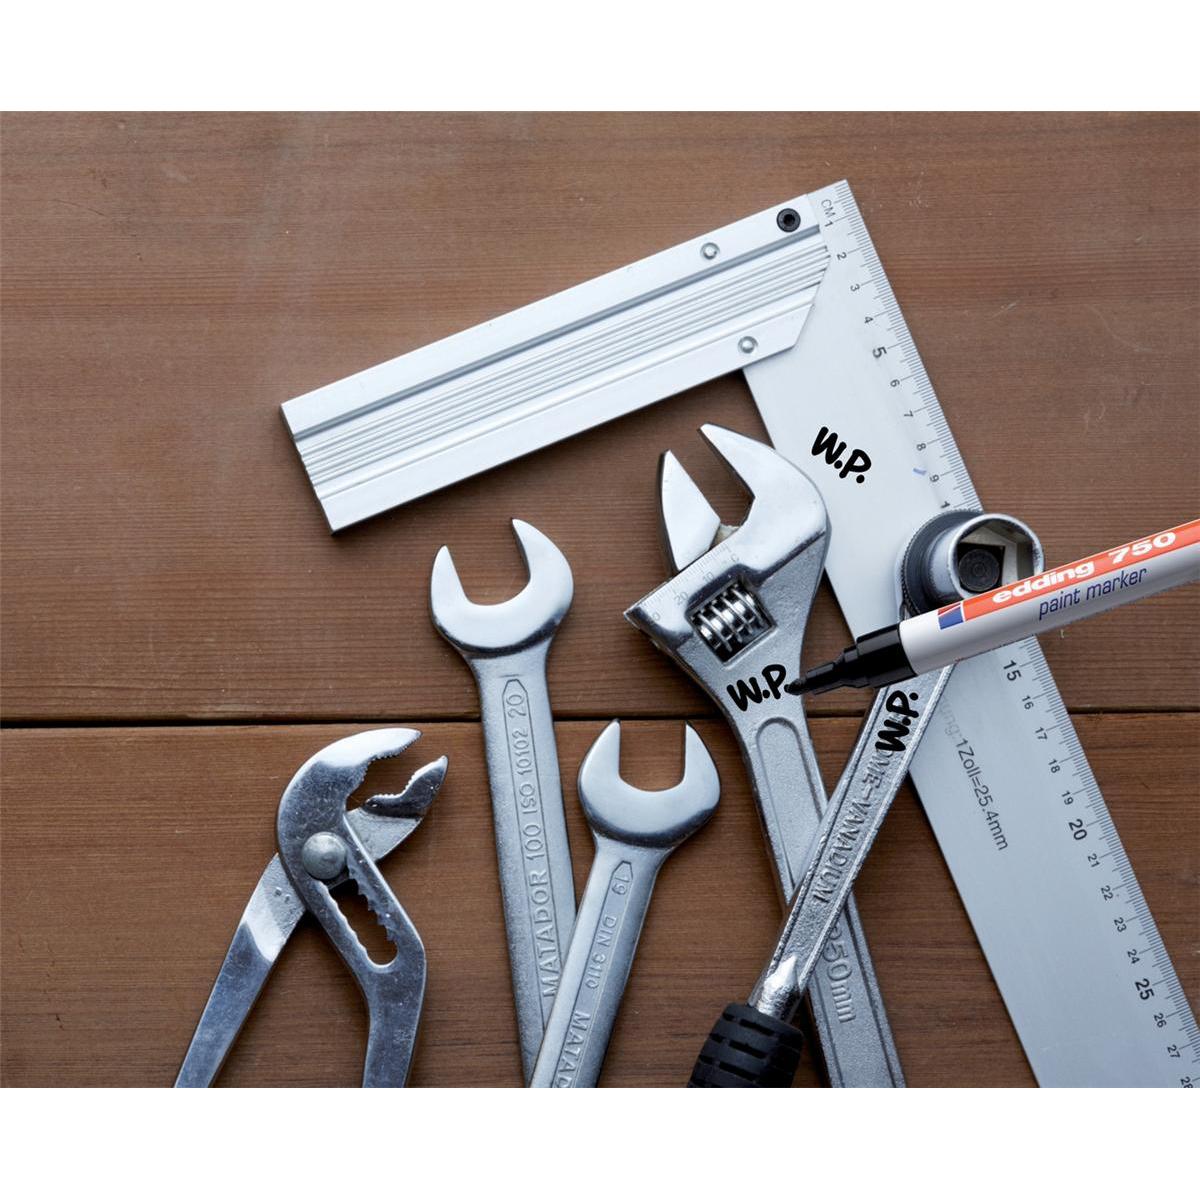 Edding 750 Paint Marker Bullet Tip 2-4mm Line Black Ref 4-750001 Pack 10